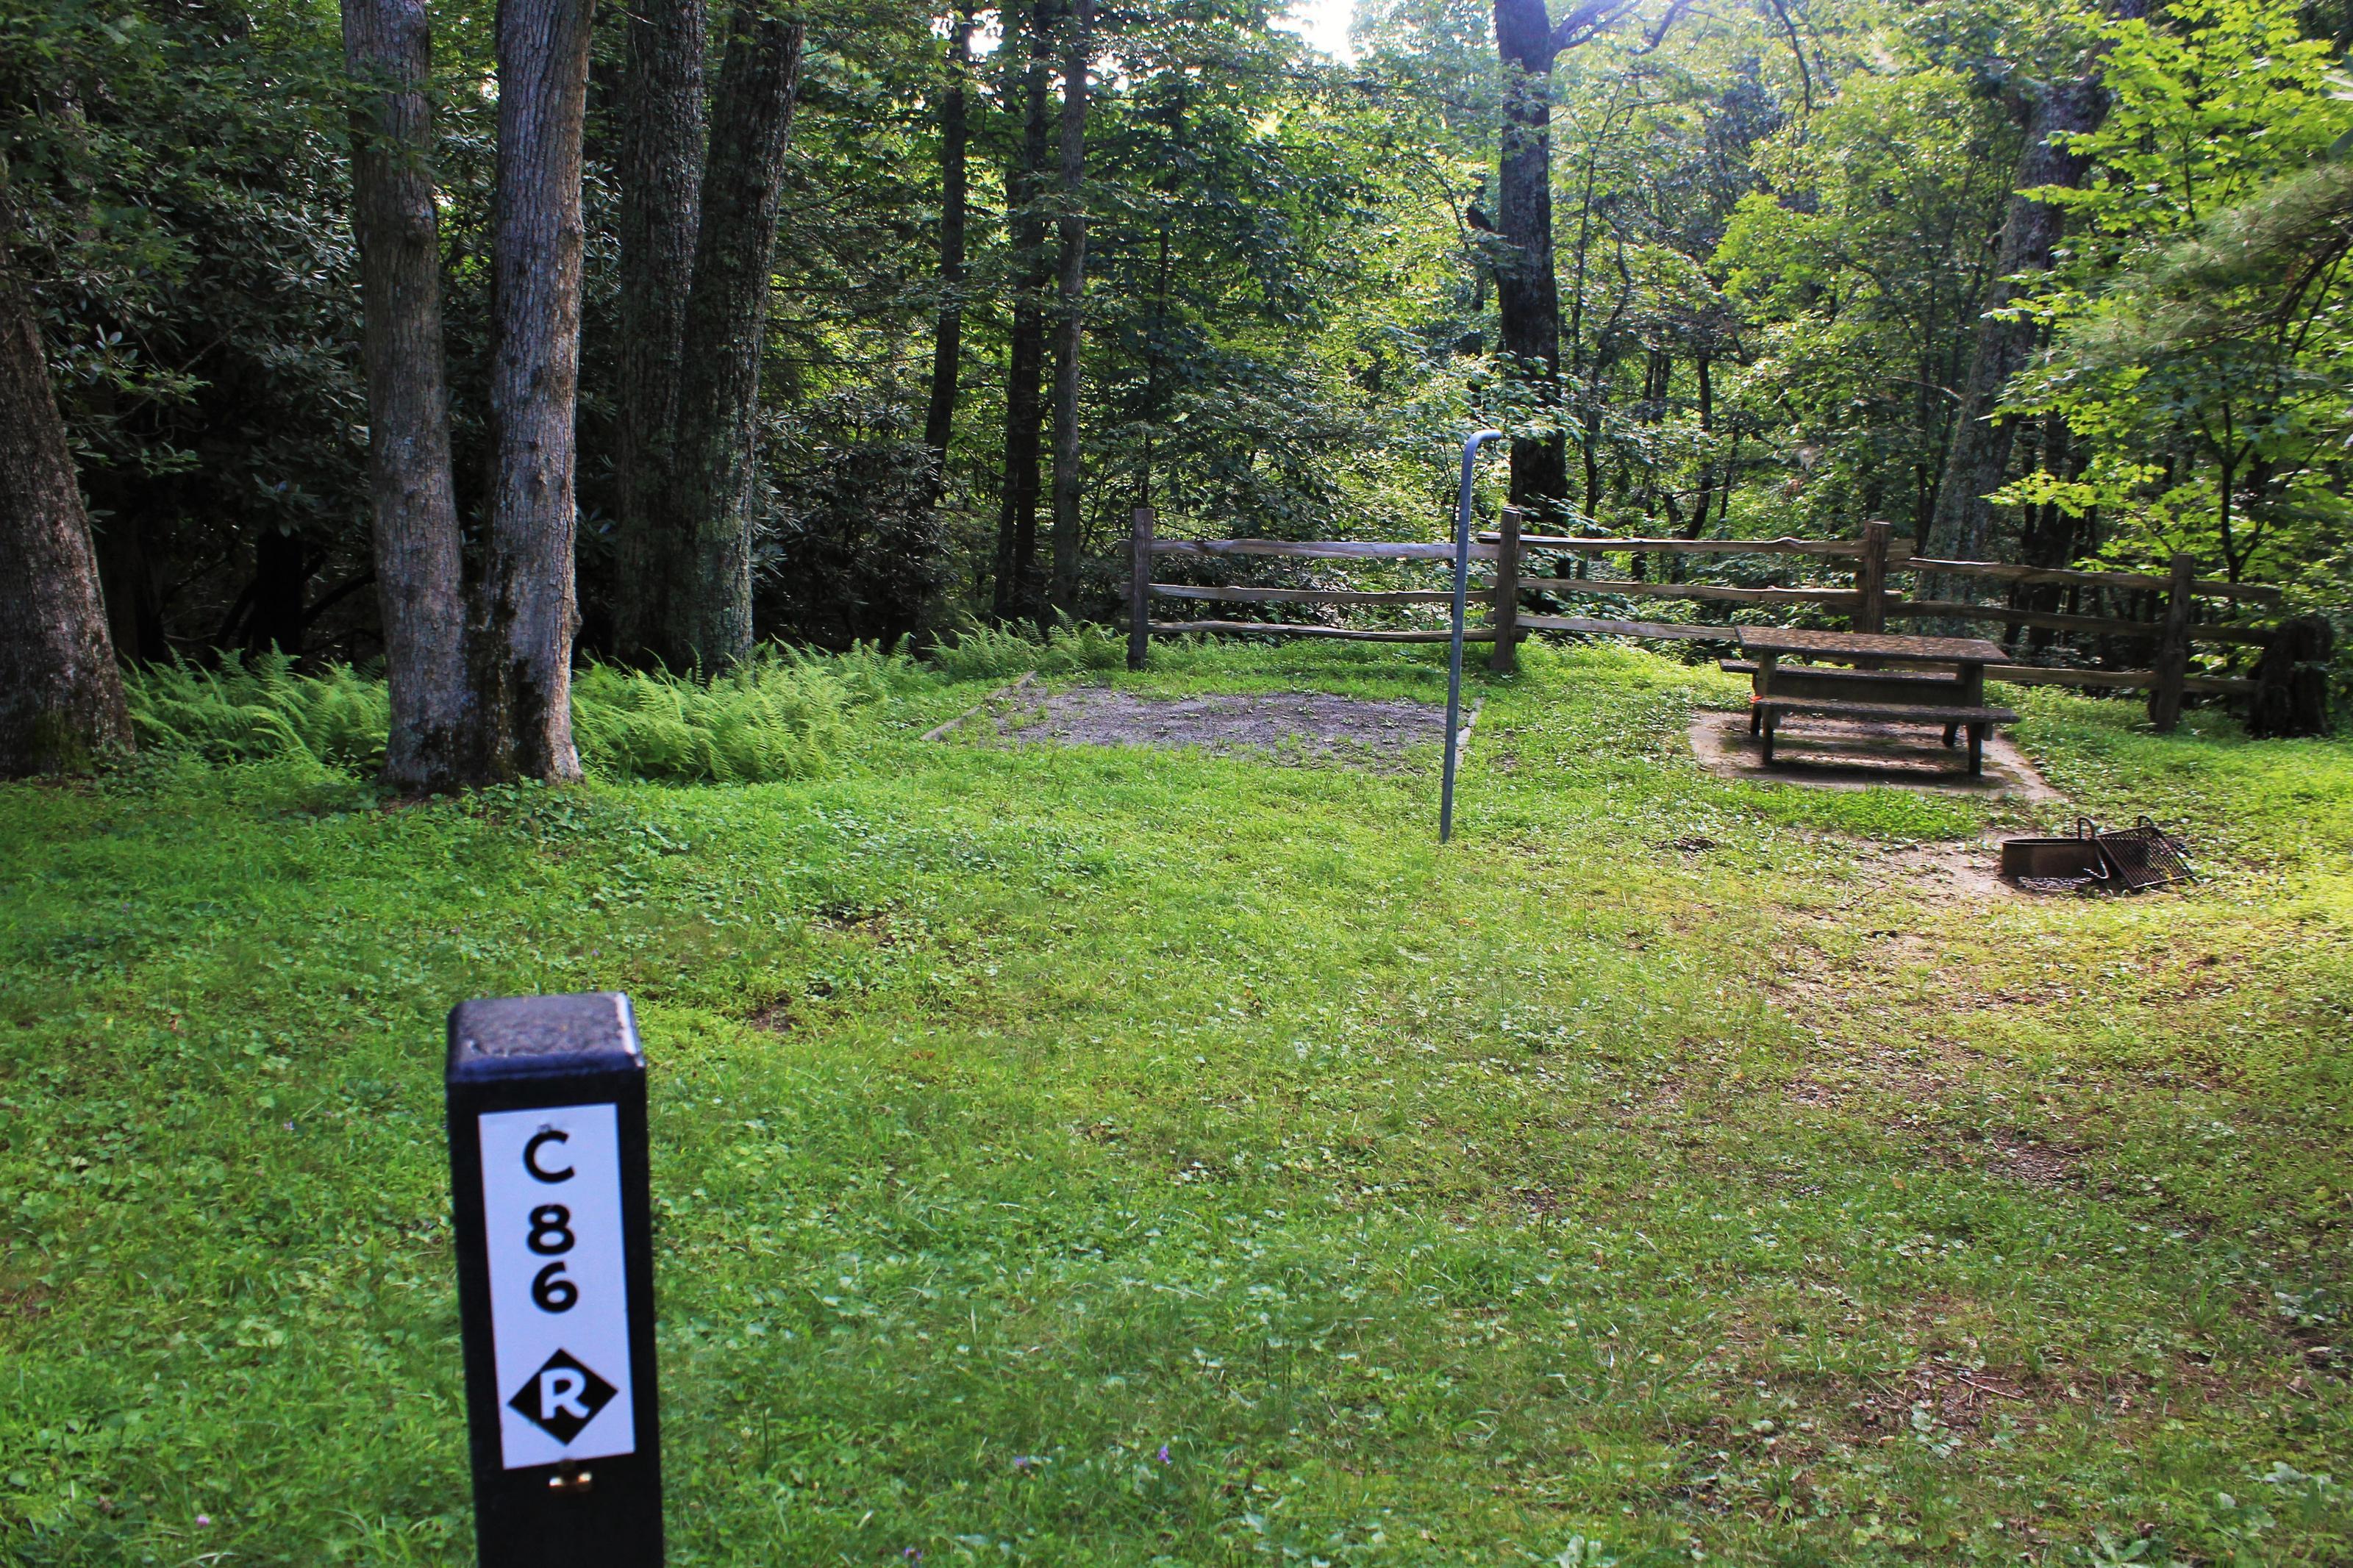 C86 Tent Site Photo